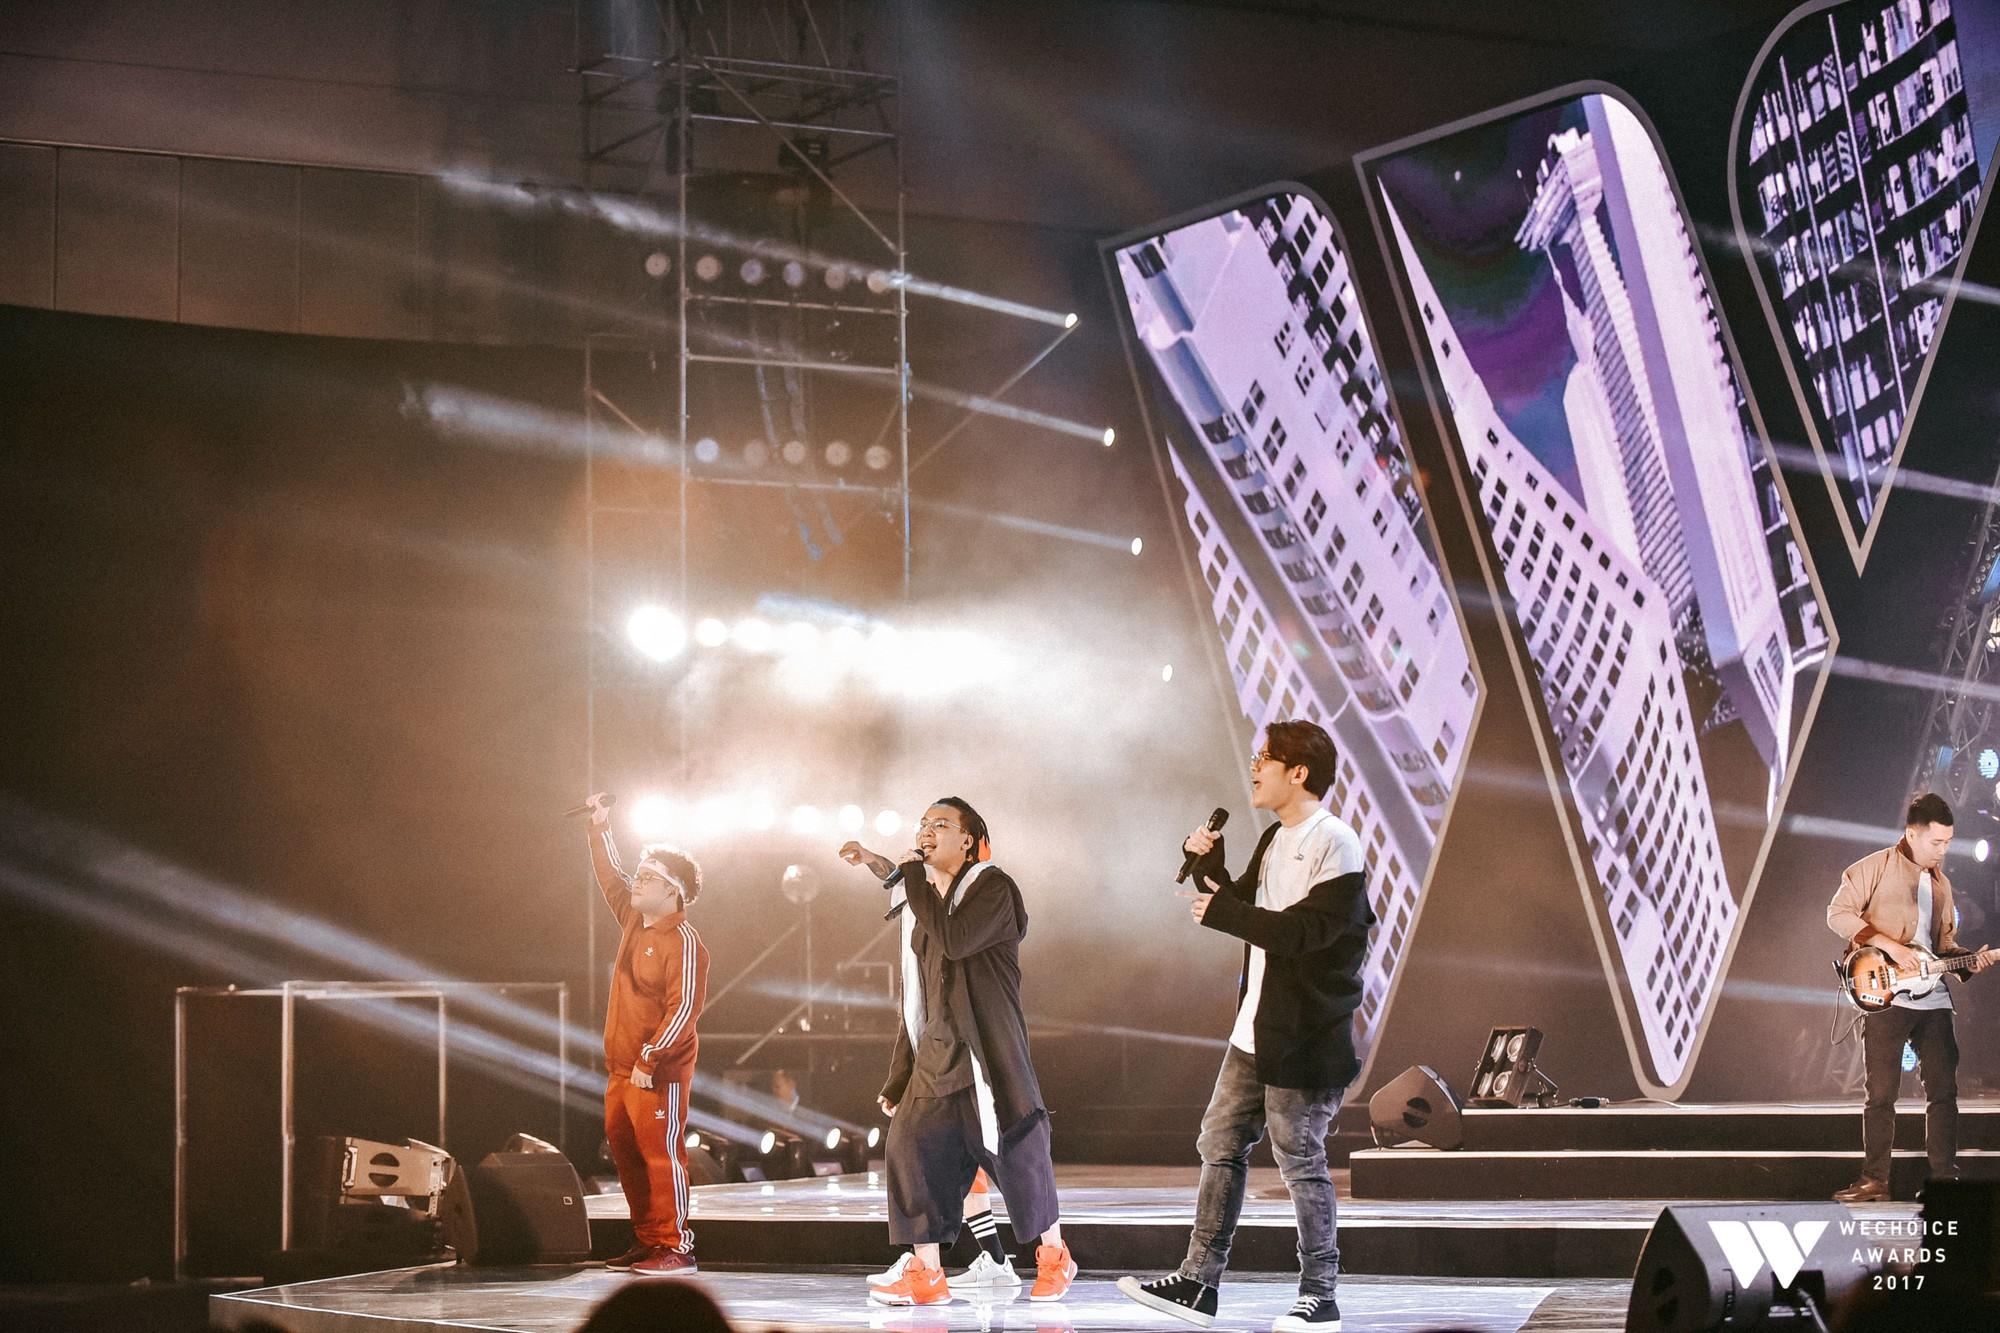 Khoảnh khắc WeChoice Awards: Đẹp nhất là khi Sơn Tùng, bé Bôm và các nghệ sĩ Việt cùng chậm lại trong dòng cảm xúc vỡ òa - Ảnh 42.